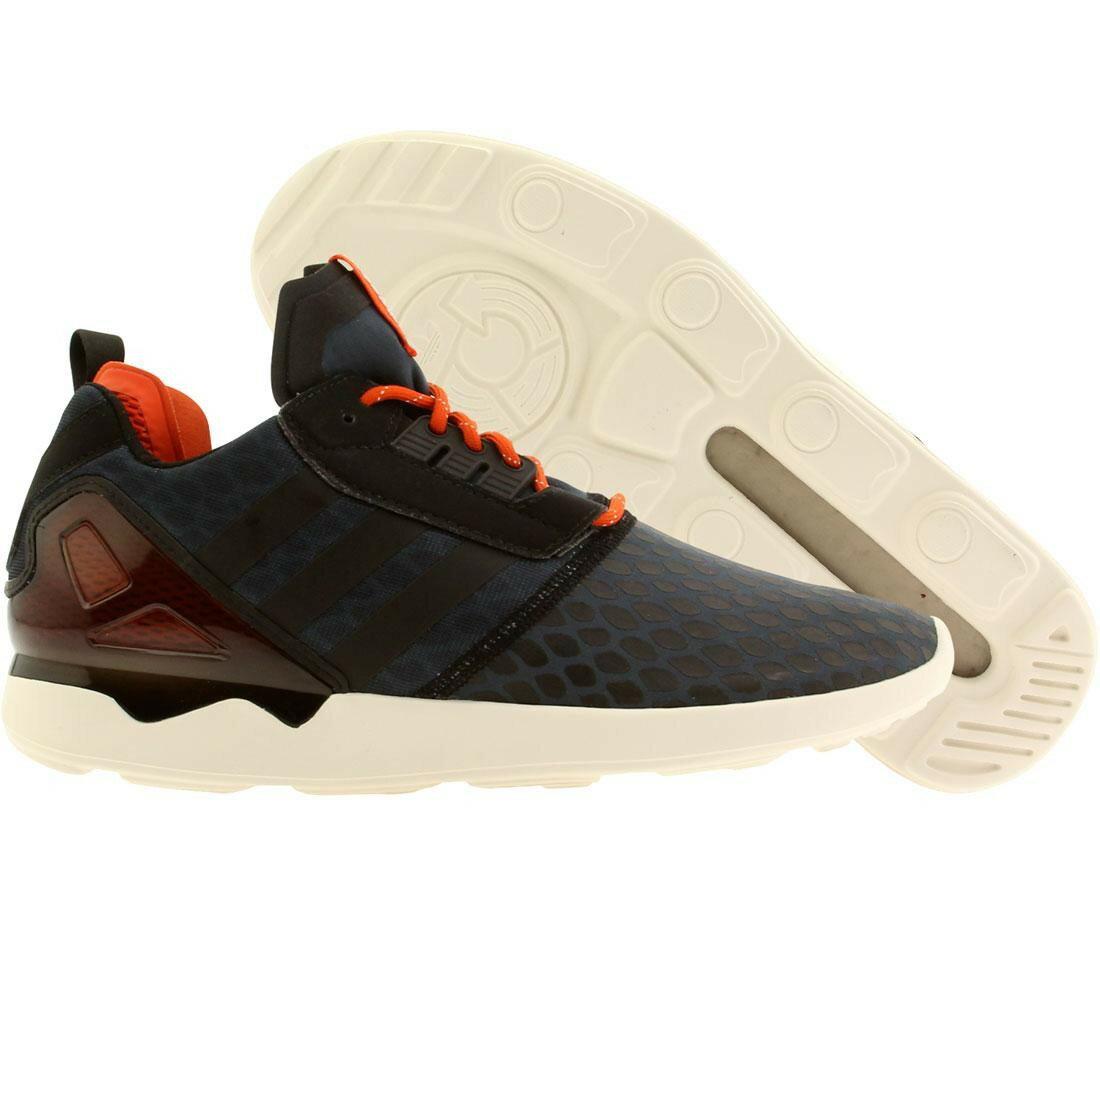 メンズ靴, スニーカー  ADIDAS Men Zx 8000 Boost (navy Midnight Core Black Collegiate Orange) Navy Midnight Core Black Collegiate Orange